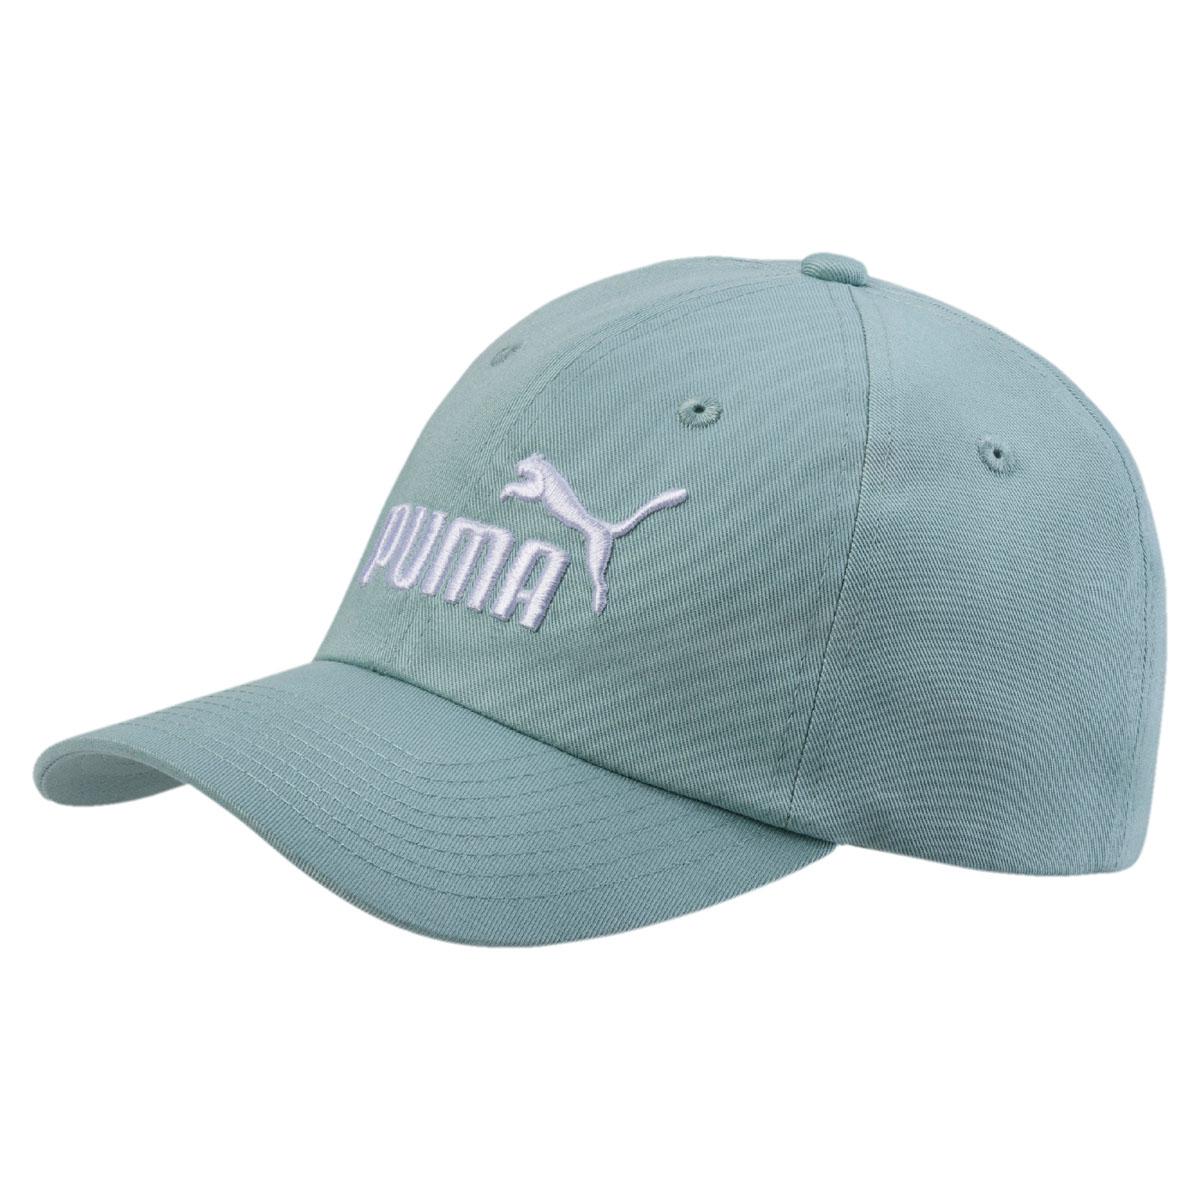 Бейсболка для мальчика Puma ESS Cap Jr, цвет: голубой. 02168818. Размер универсальный